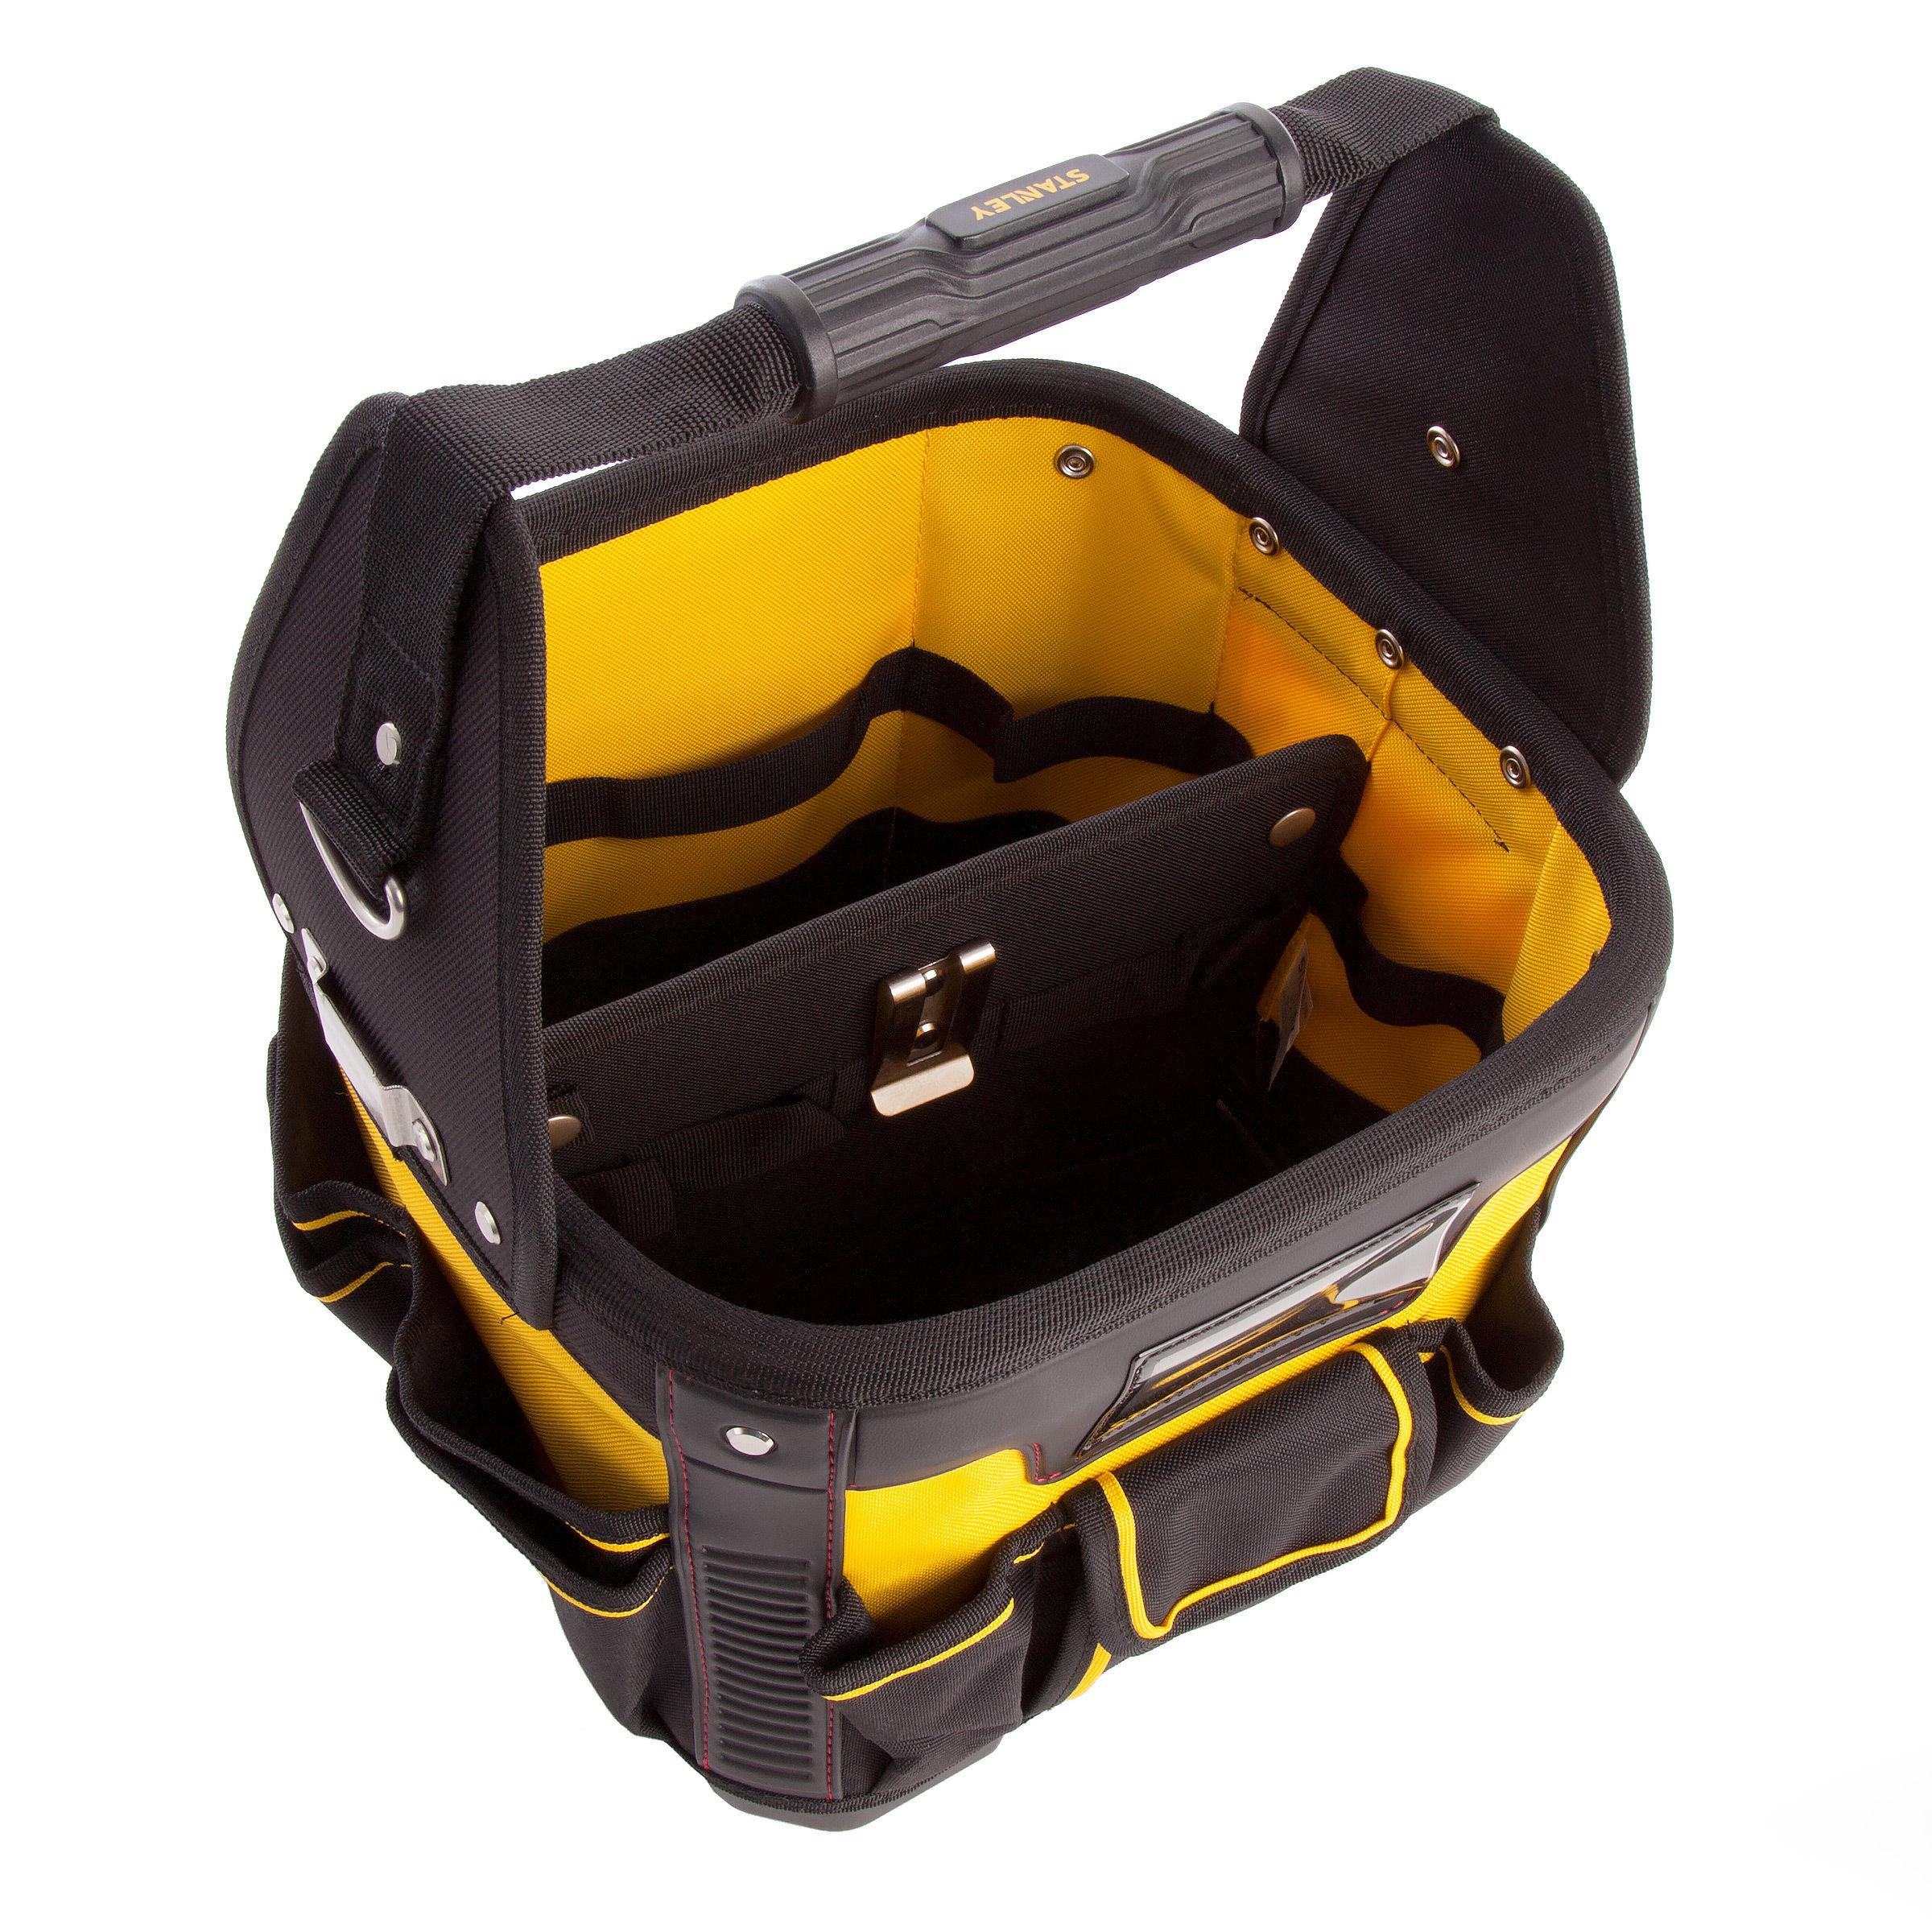 Toolstop Stanley 1 93 952 Fatmax Technicians Tool Bag